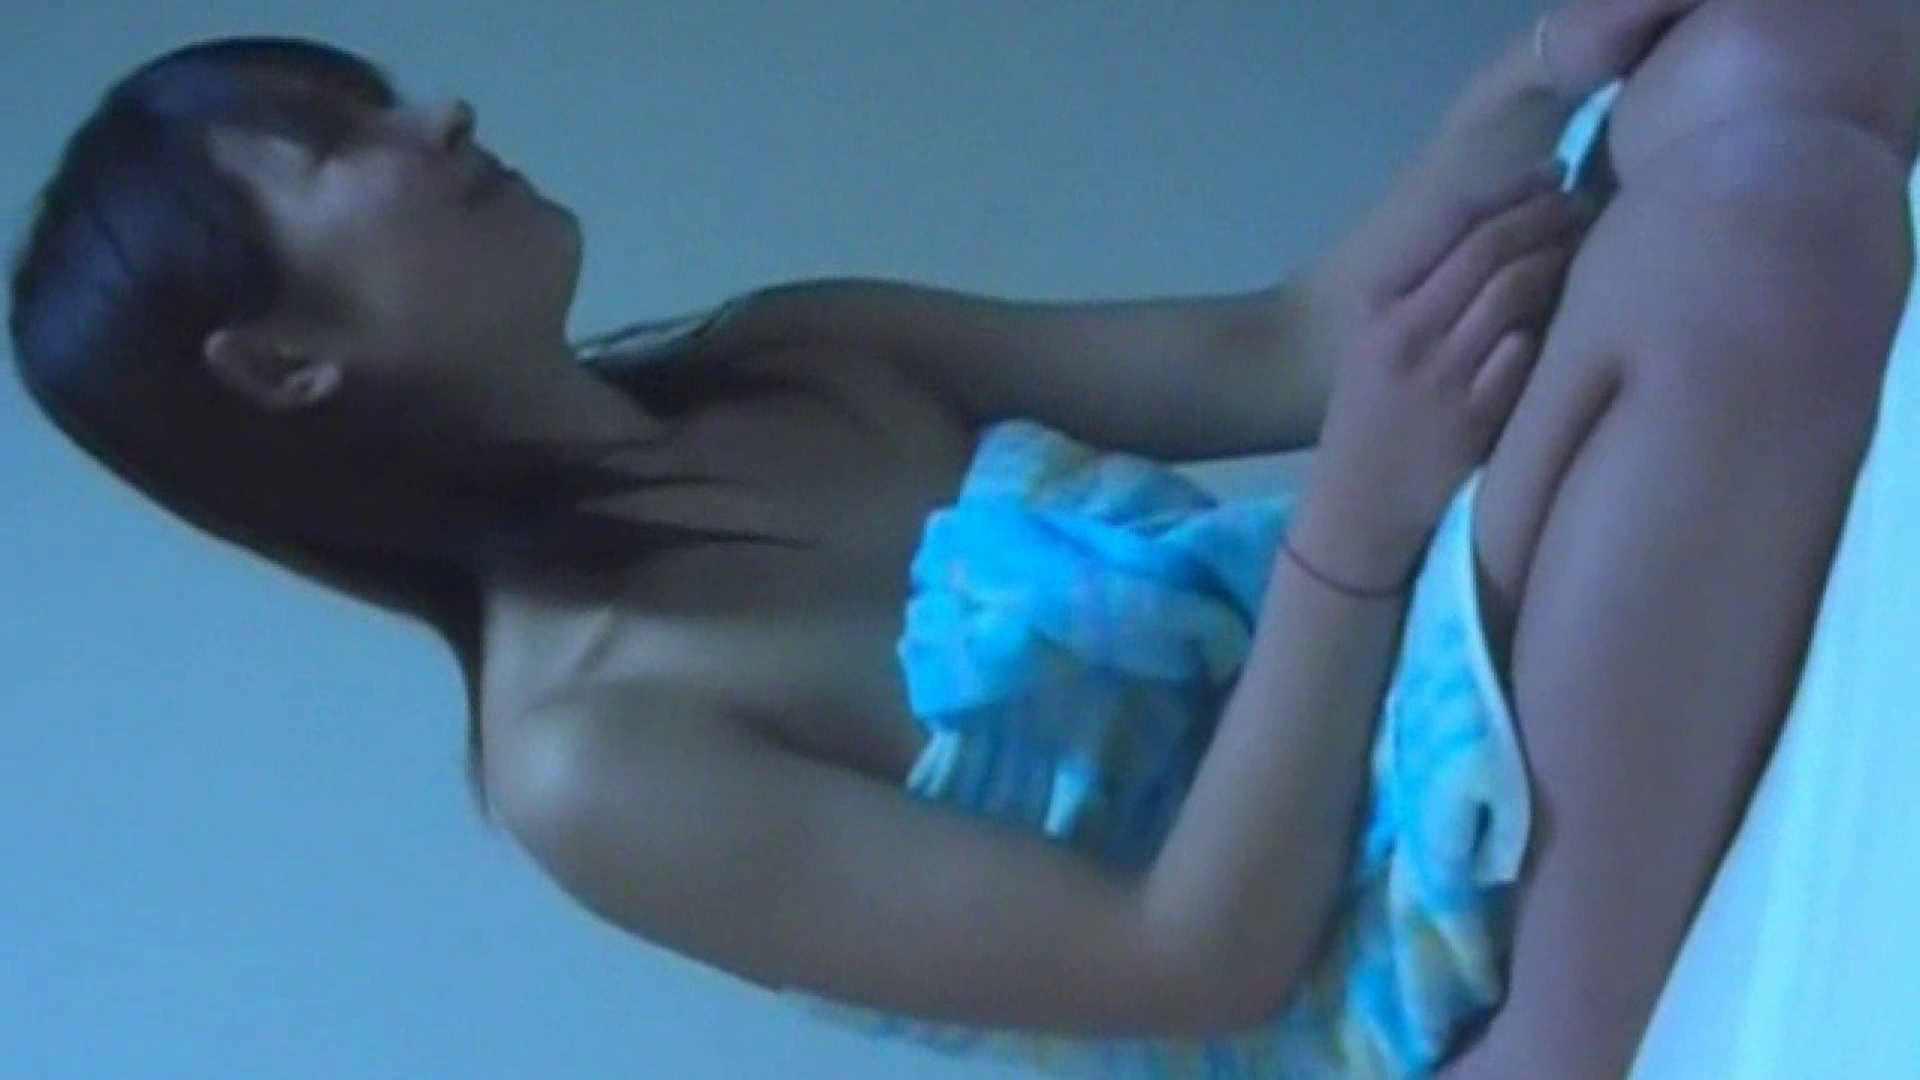 美女だらけのプライベートSEXvol.15前編 美女 のぞき動画キャプチャ 82連発 23